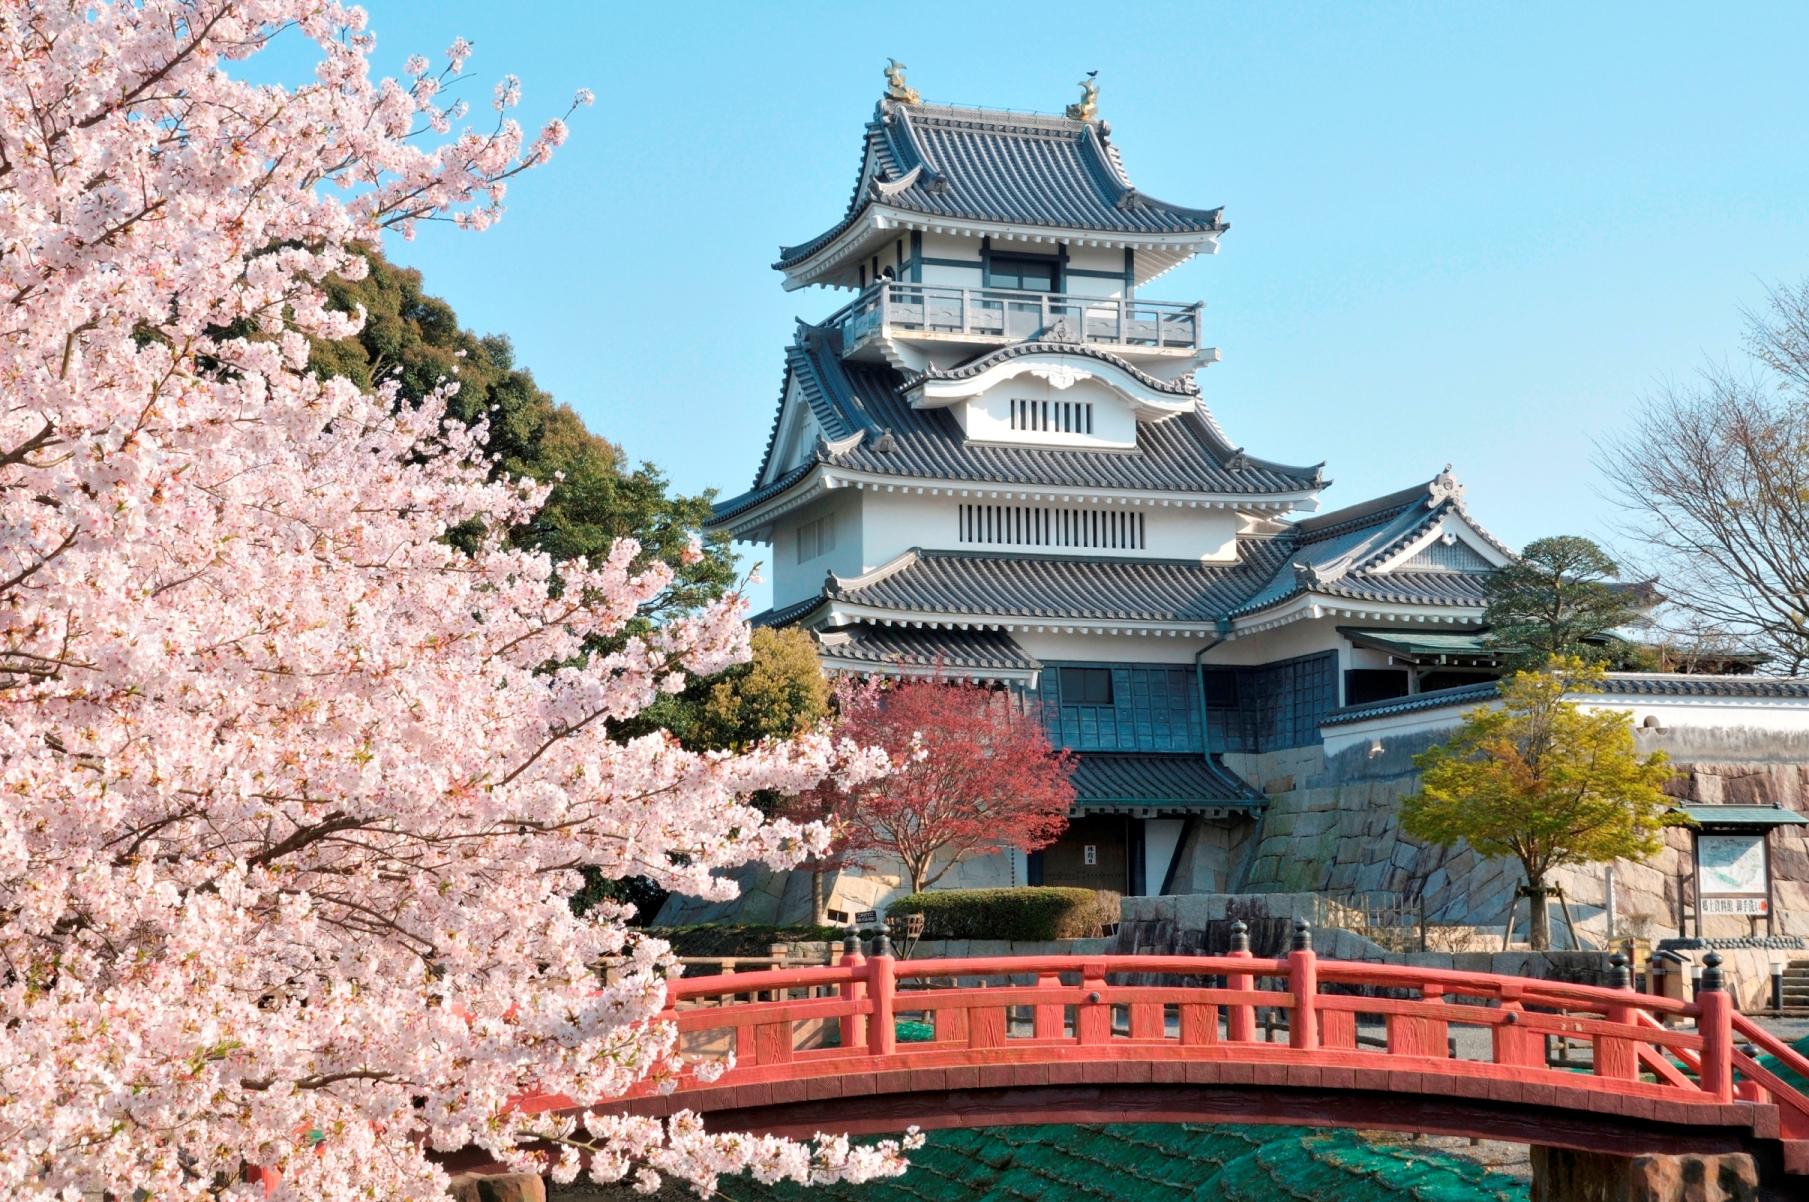 武田軍が砦を築いた場所に町のシンボルとして建てられた小山城